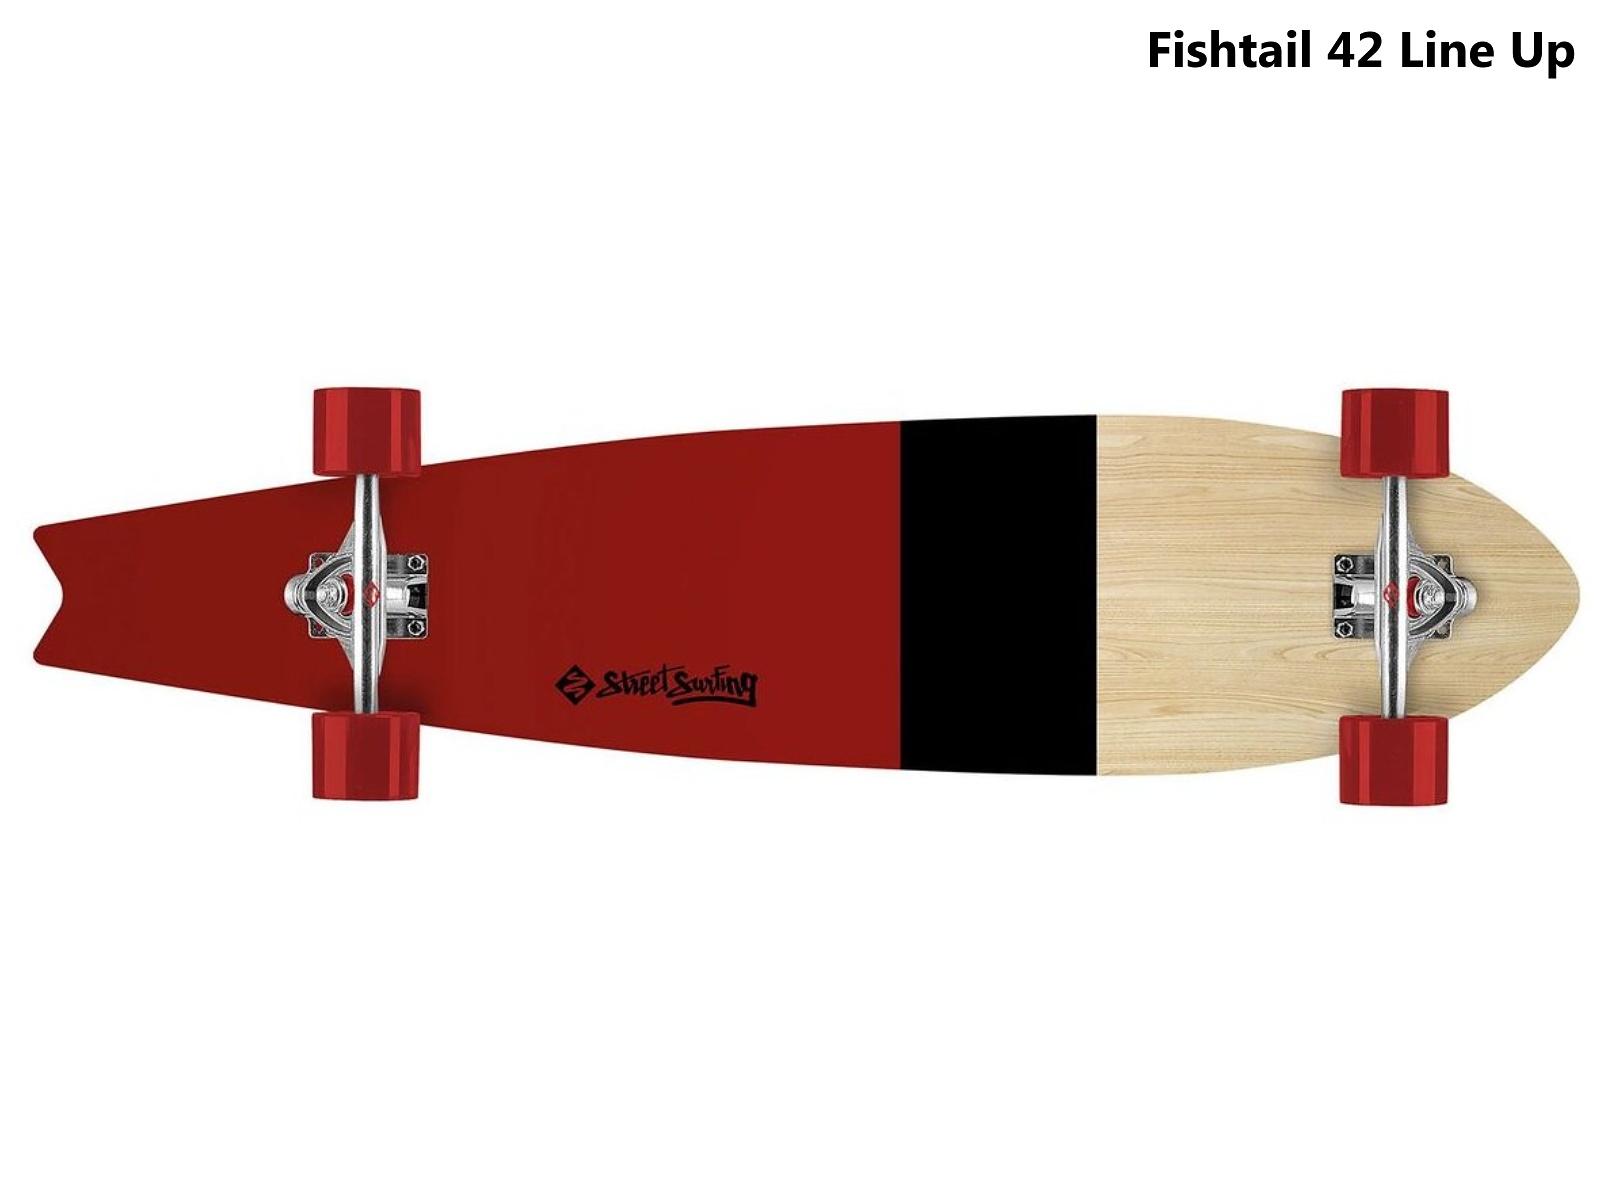 Longboard STREET SURFING Fishtail 42 Line Up - vínovo/černý pruh